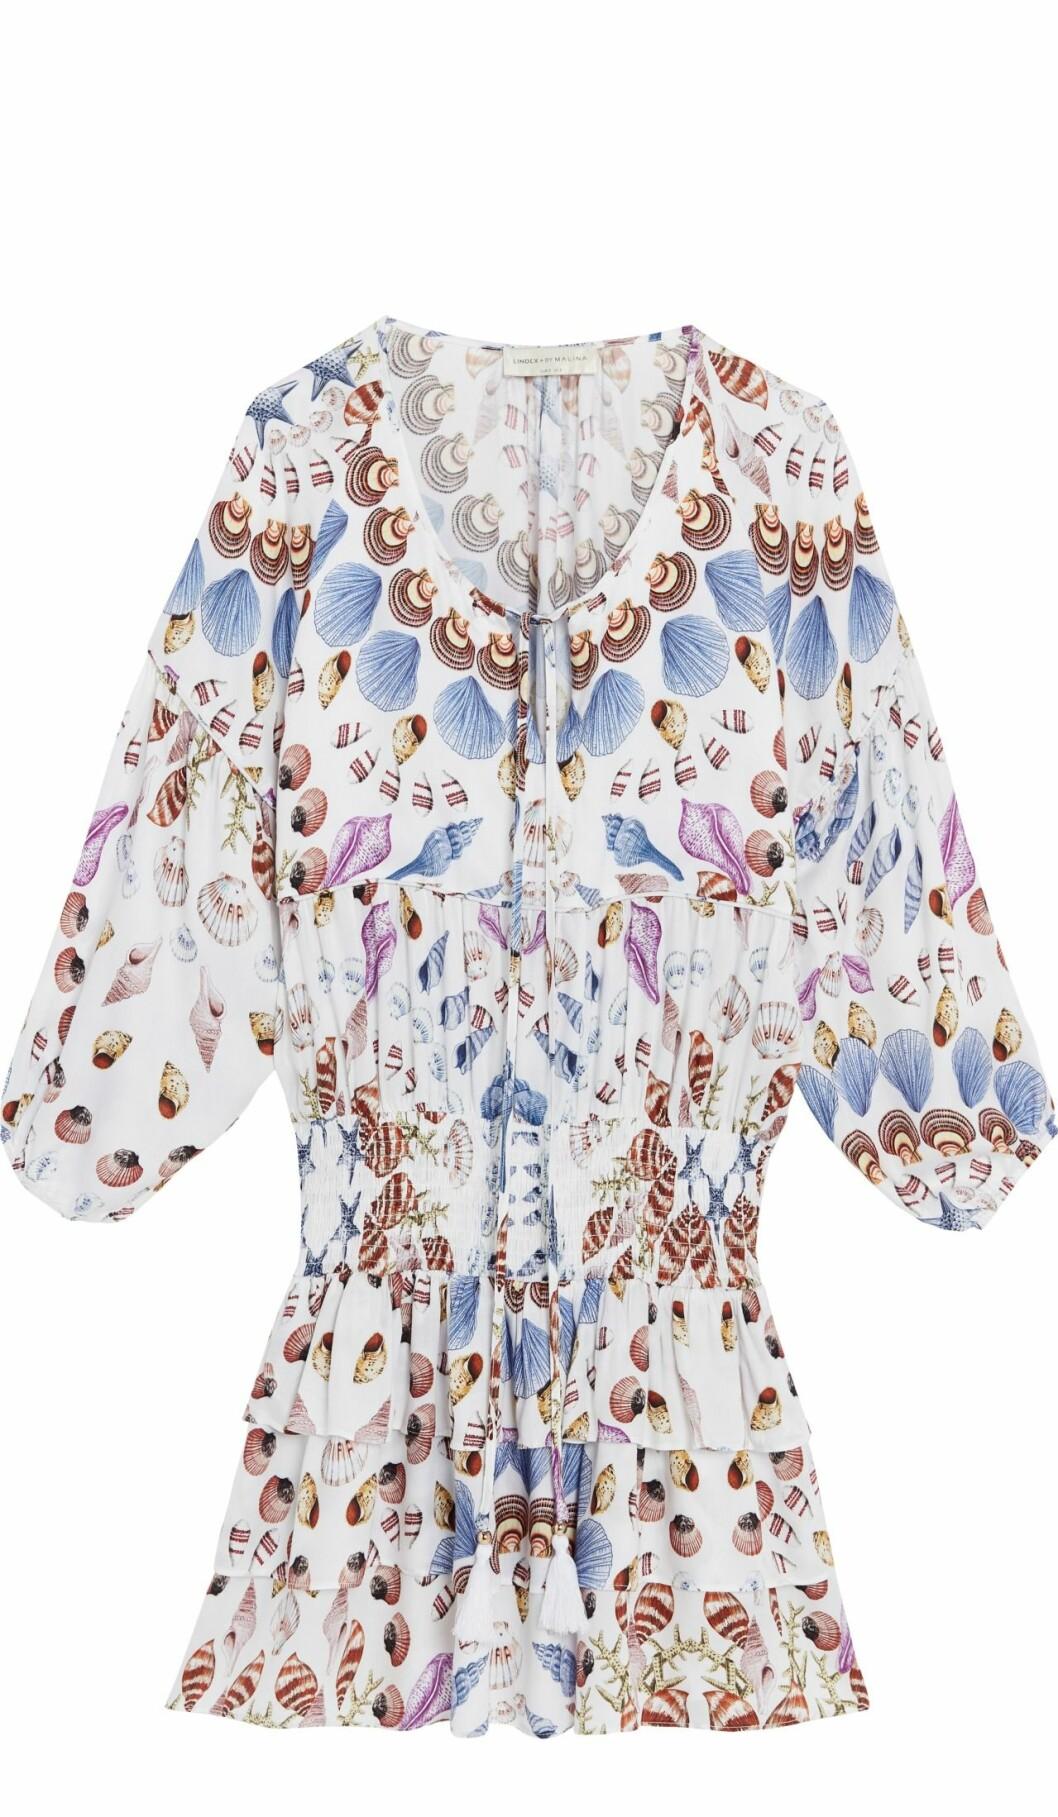 Lindex och By Malinas sommarkollektion – klänning med resår